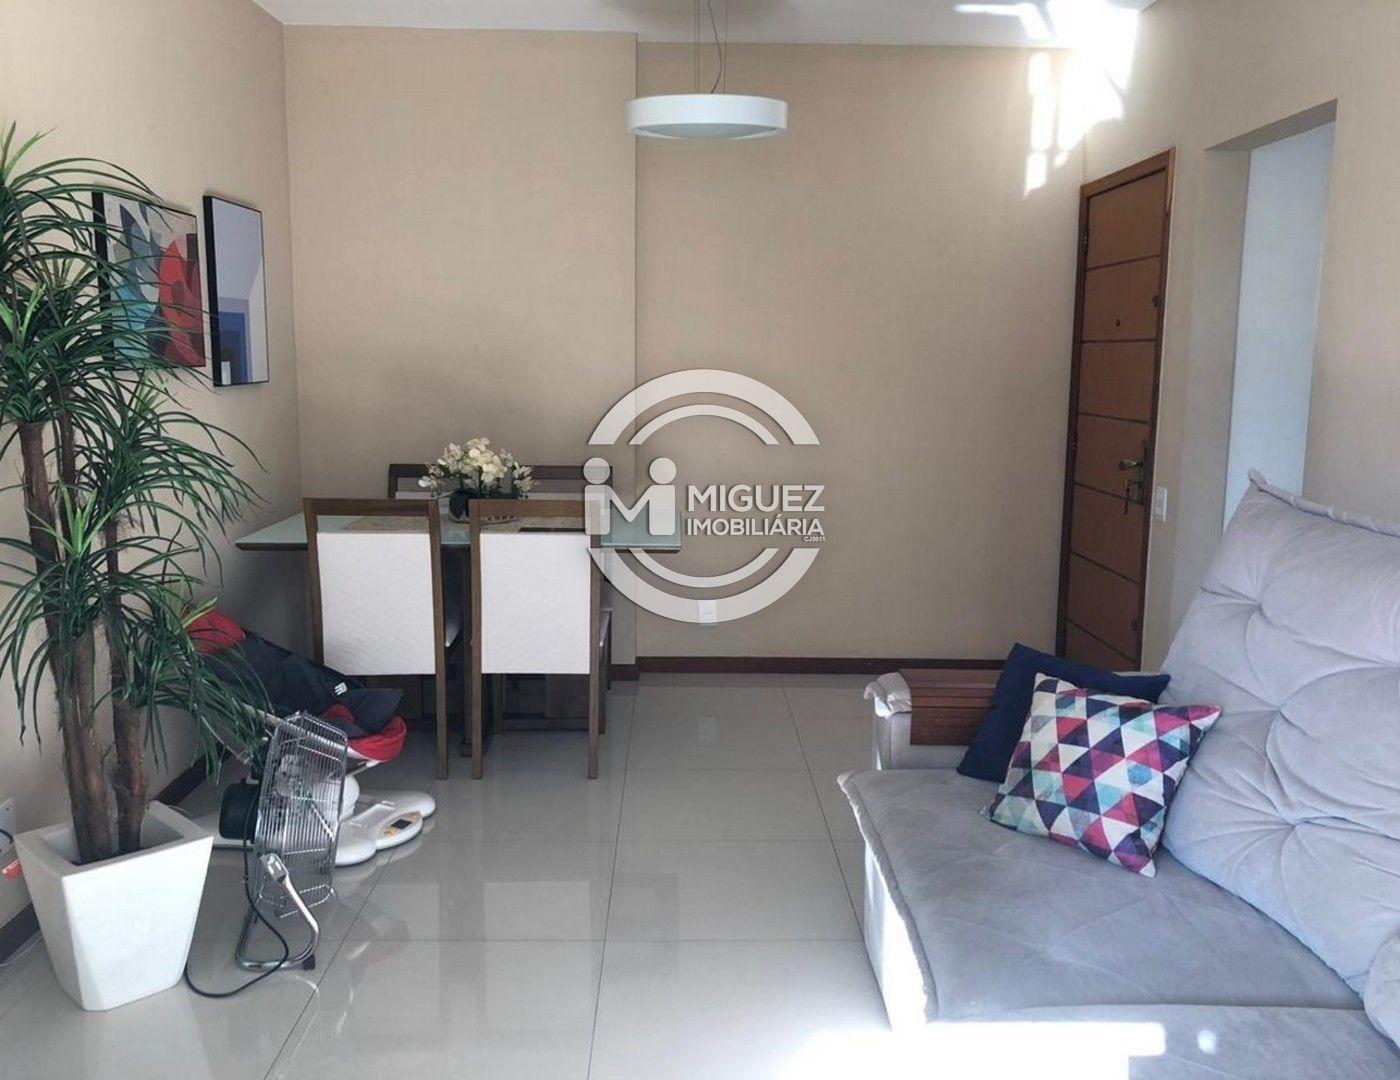 Apartamento, venda, Rua Araújo Leitão - Engenho Novo , Rio de janeiro